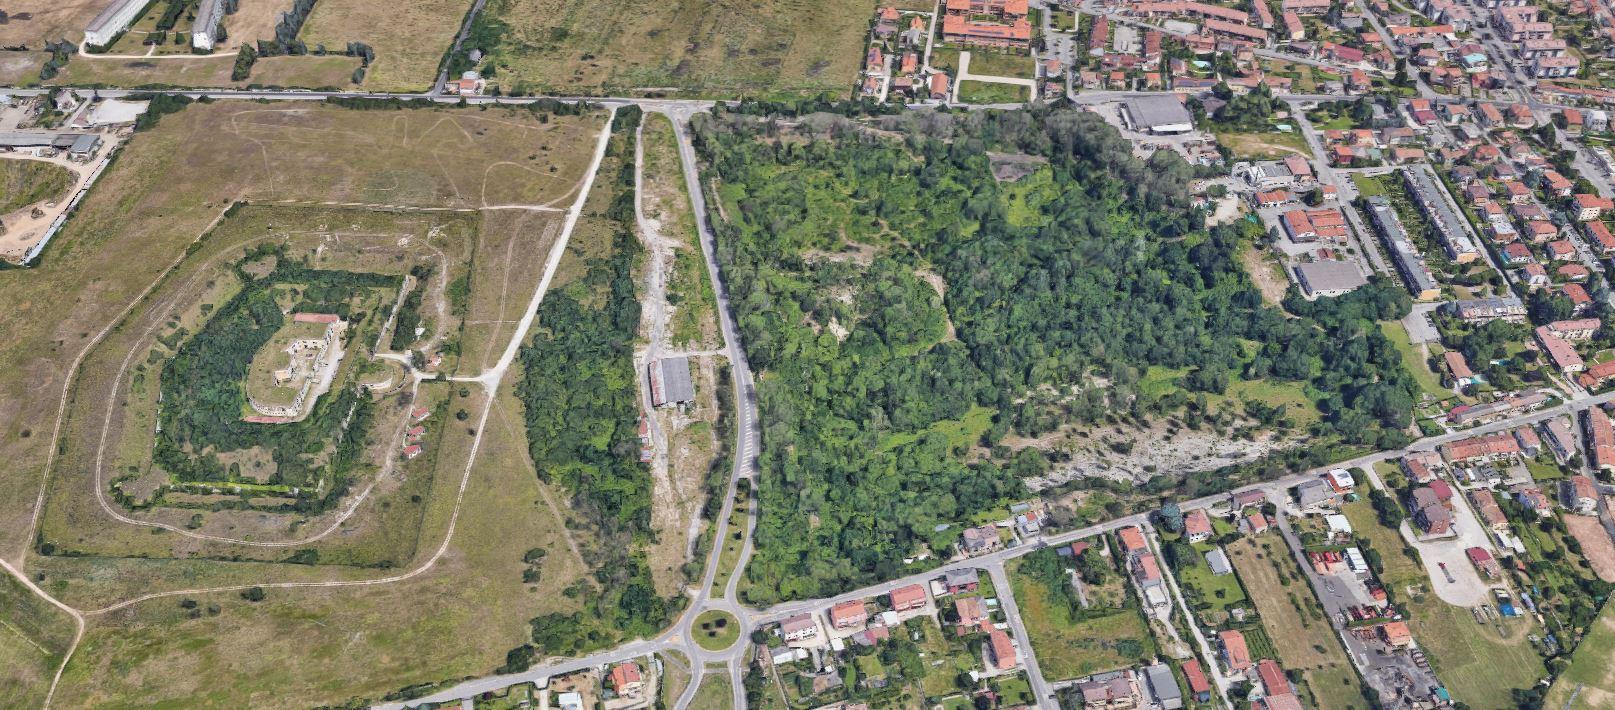 vista aerea dalle foto di Google Maps